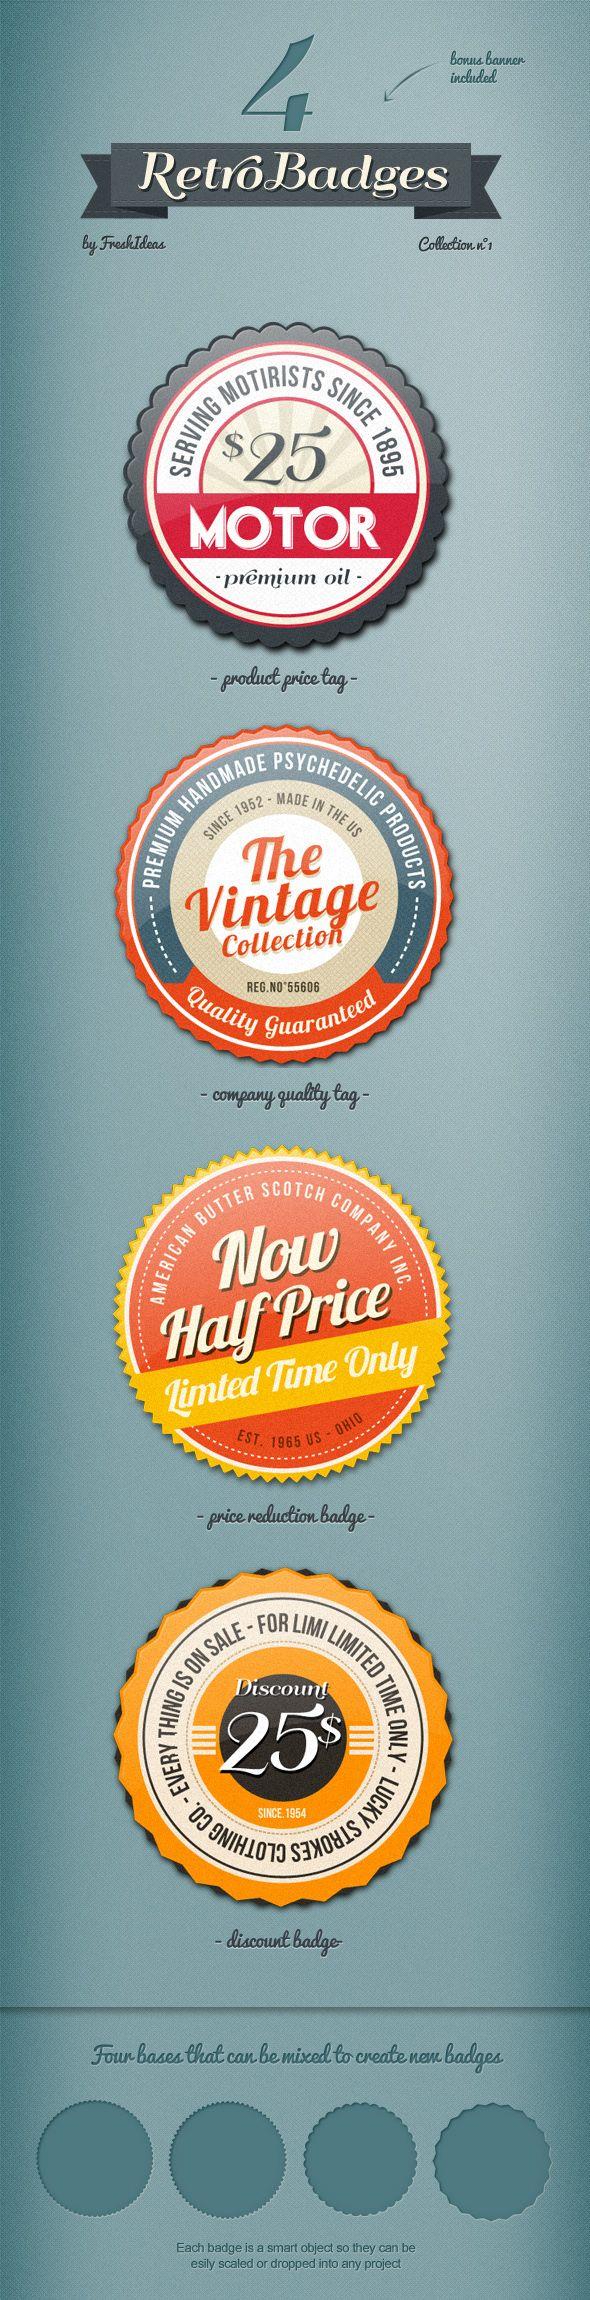 Vintage Badges Design | Just4inspiration